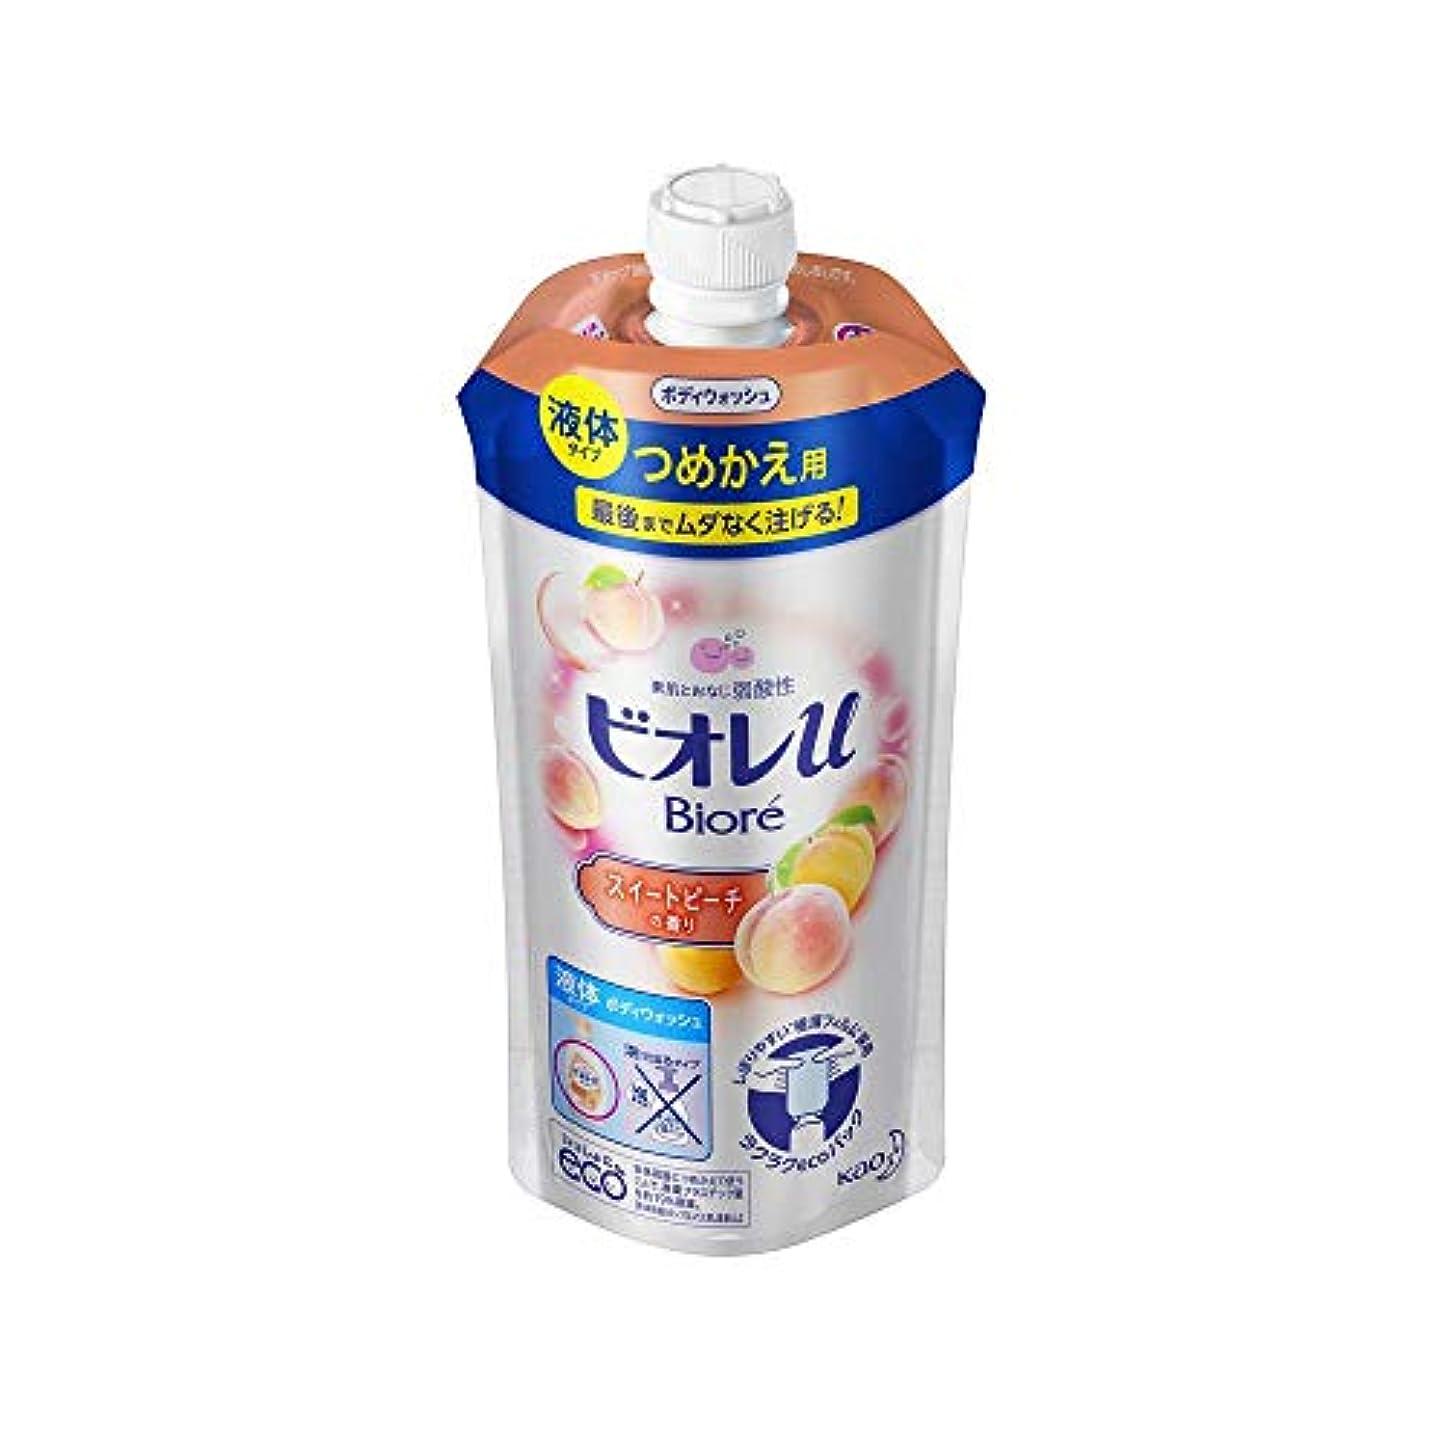 バイソンマンハッタン束花王 ビオレu スイートピーチの香りつめかえ用 340ML